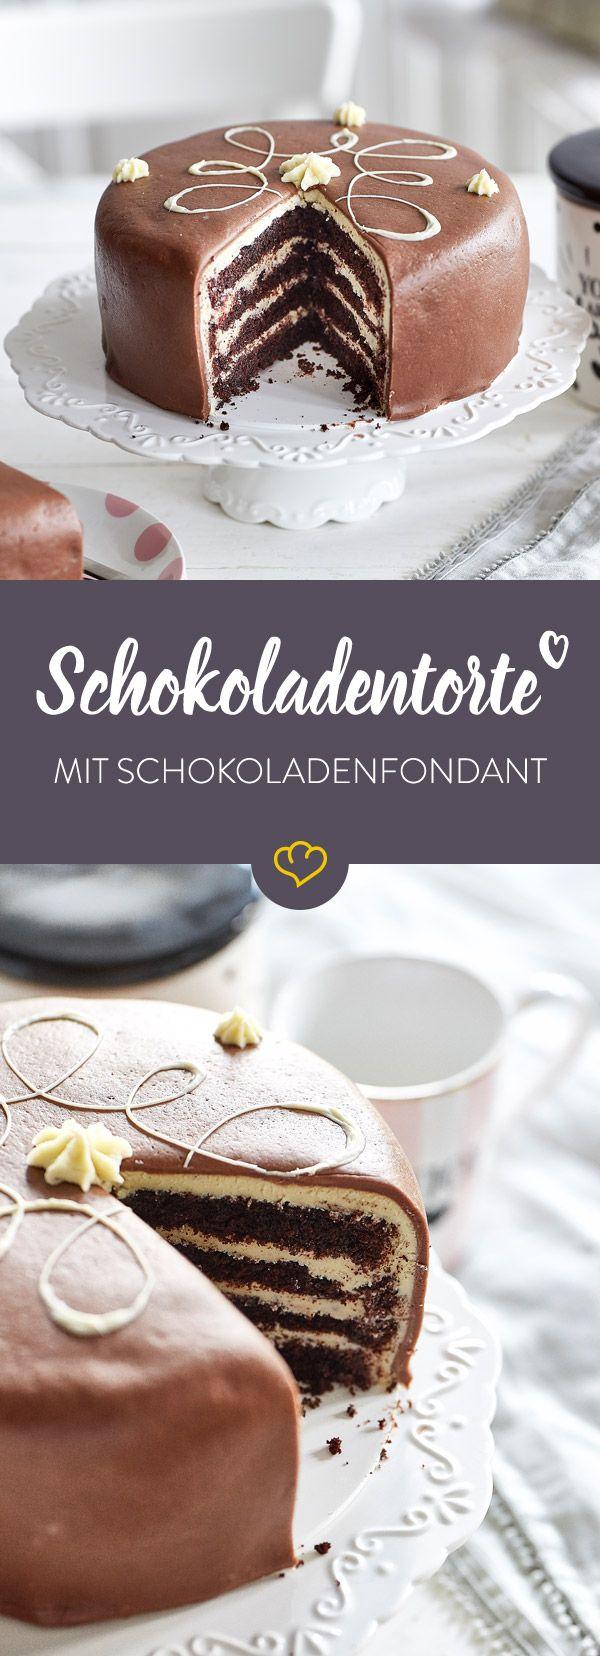 Schokofans aufgepasst: An dieser Torte mit weißer Ganache, Schoko Velvet Cake und Schokoladenfondant führt kein Weg vorbei!